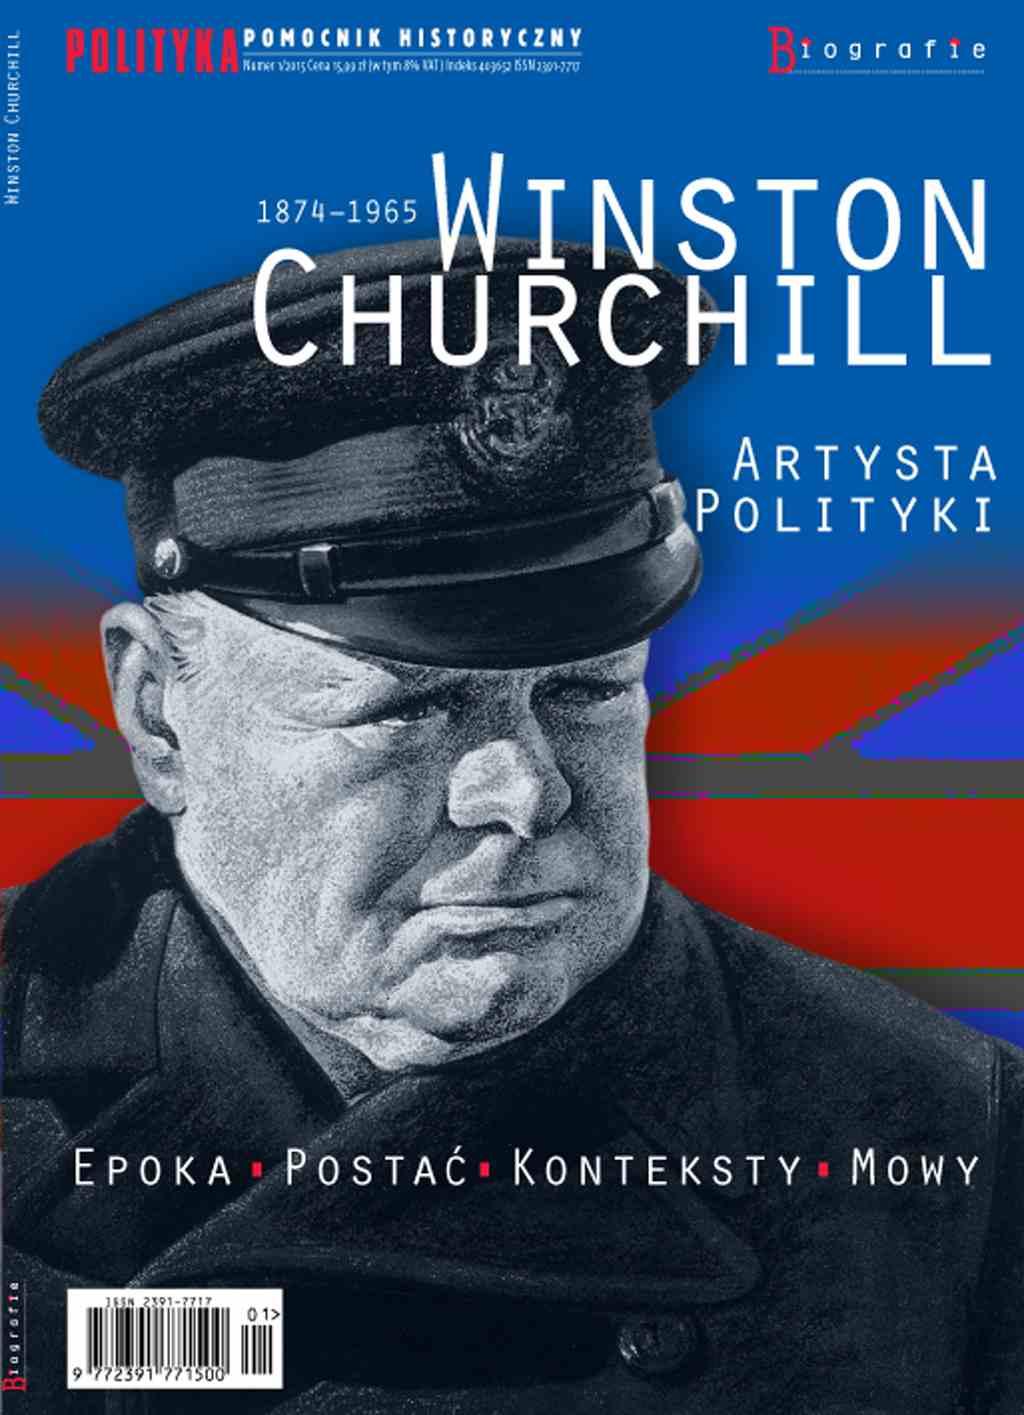 Pomocnik Historyczny. Winston Churchill Artysta Polityki - Ebook (Książka PDF) do pobrania w formacie PDF